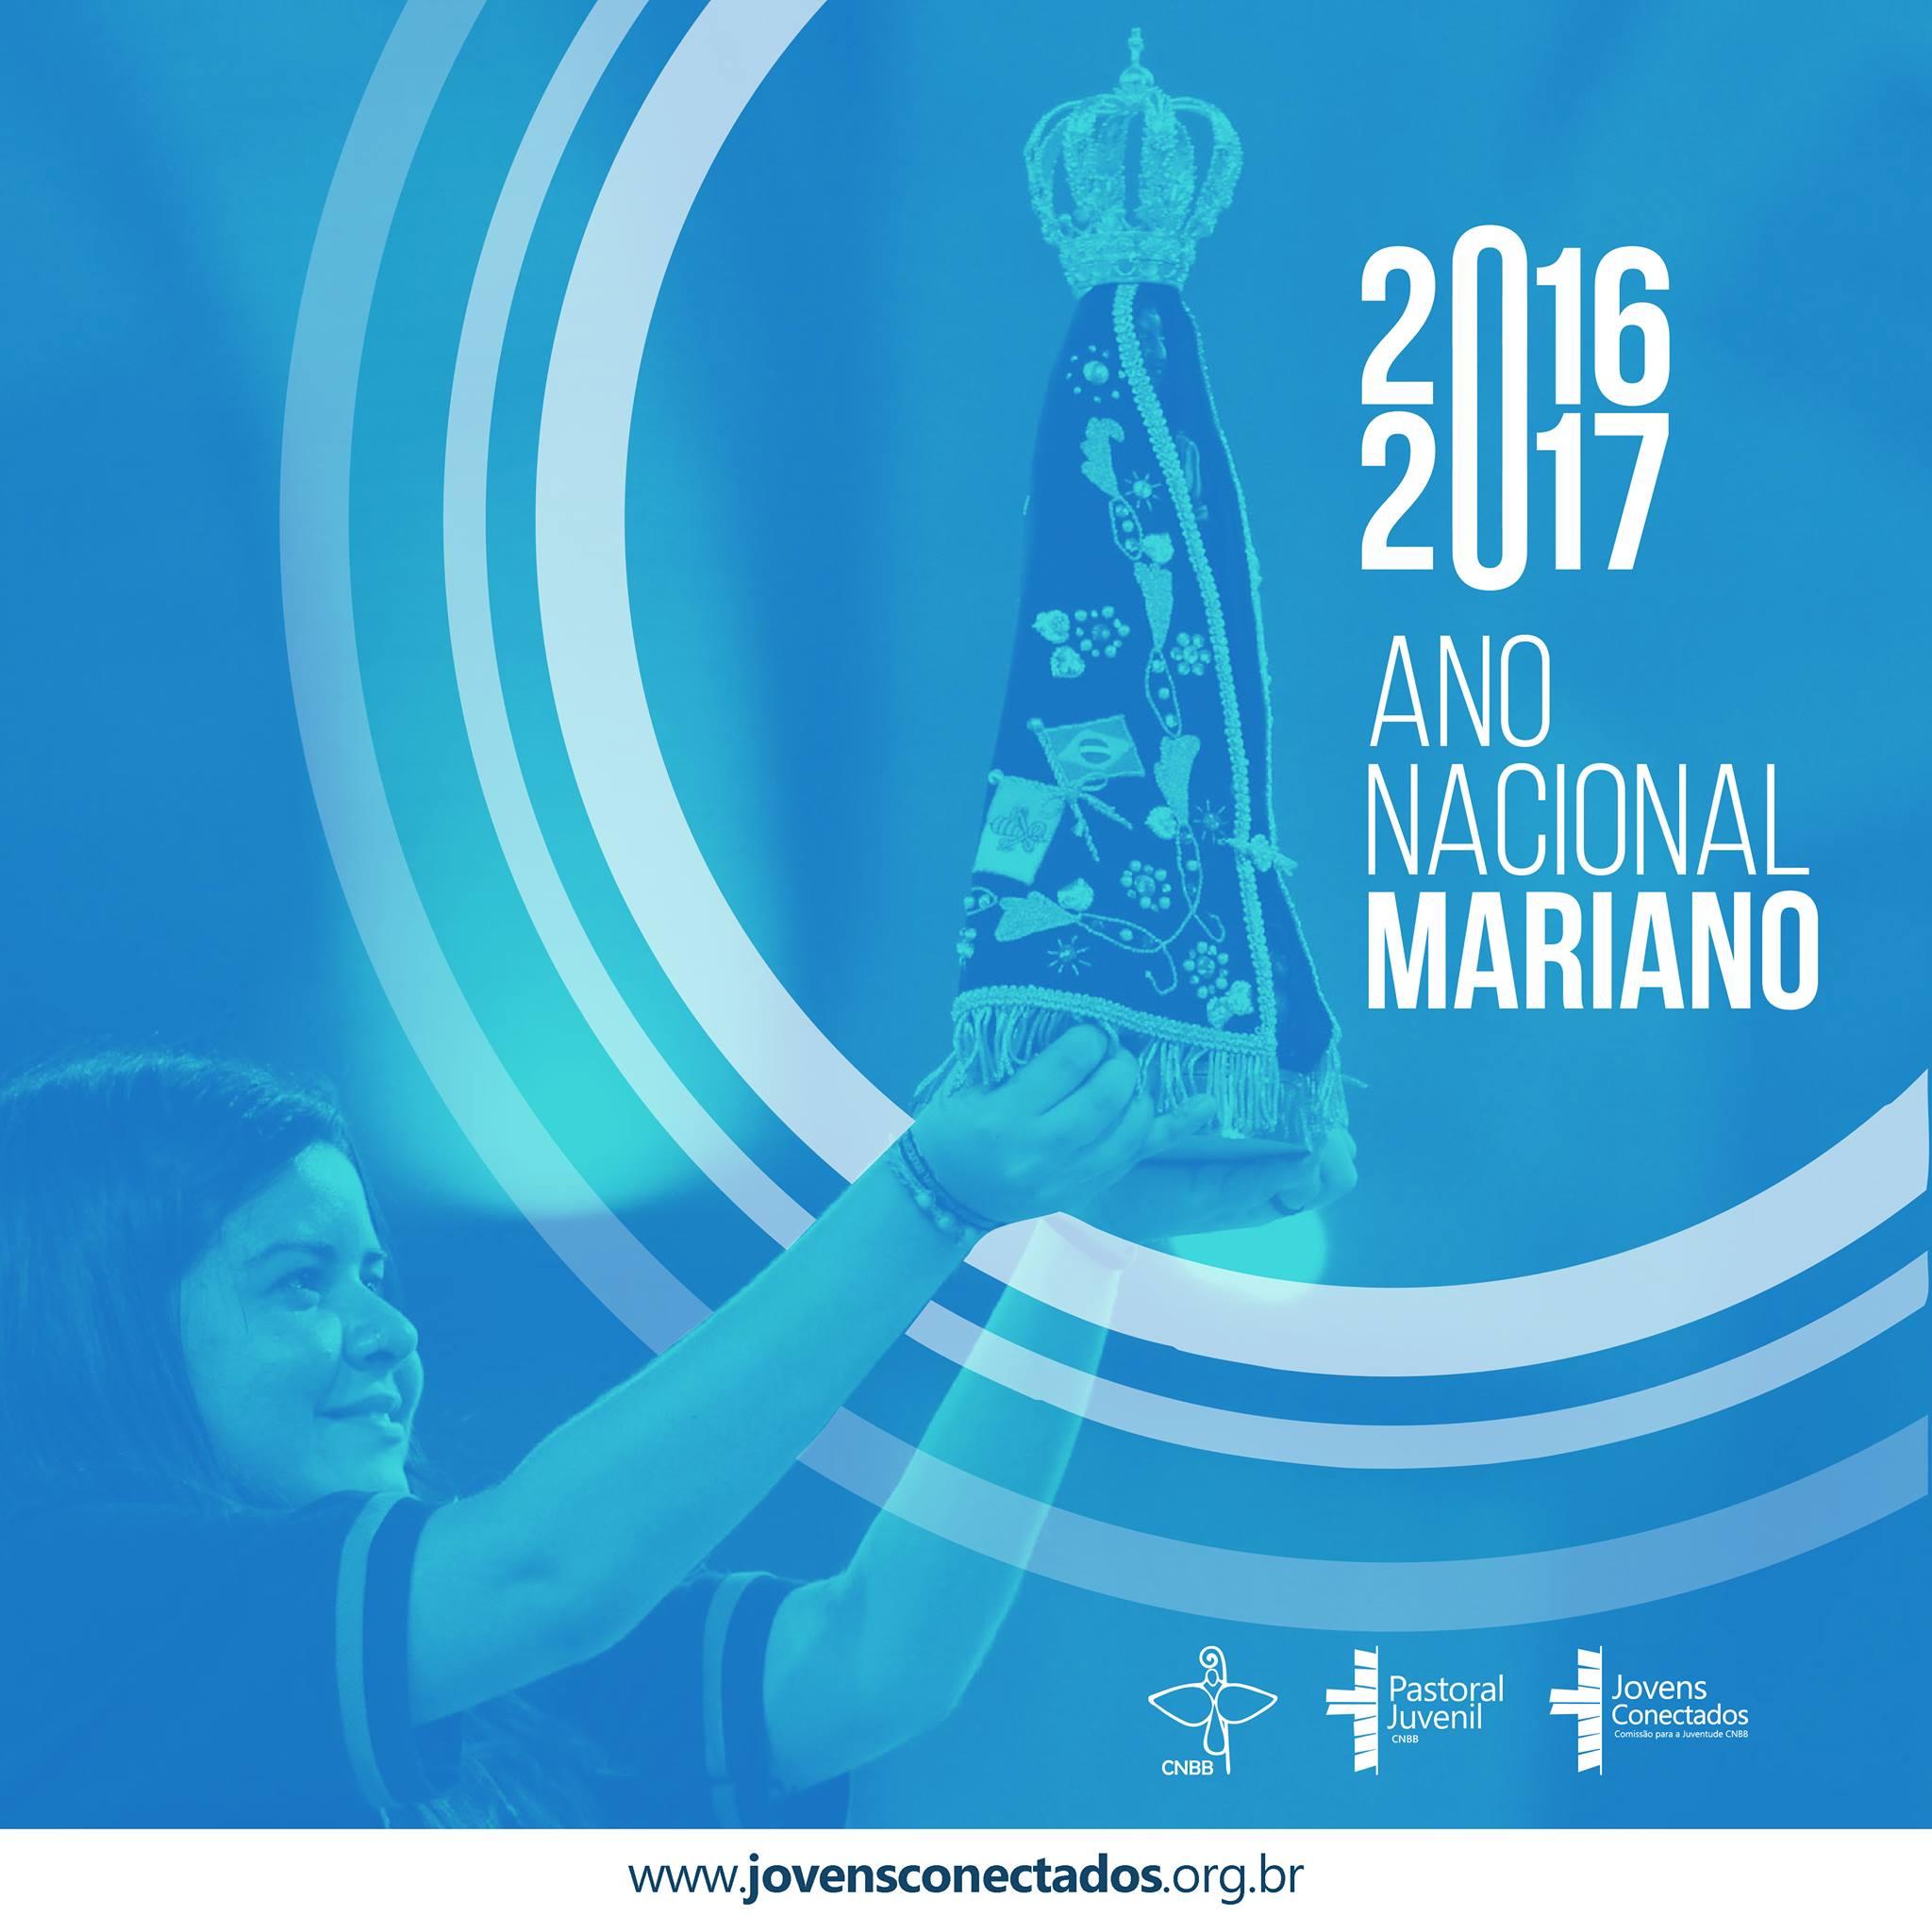 Ano Nacional Mariano 2016-2017